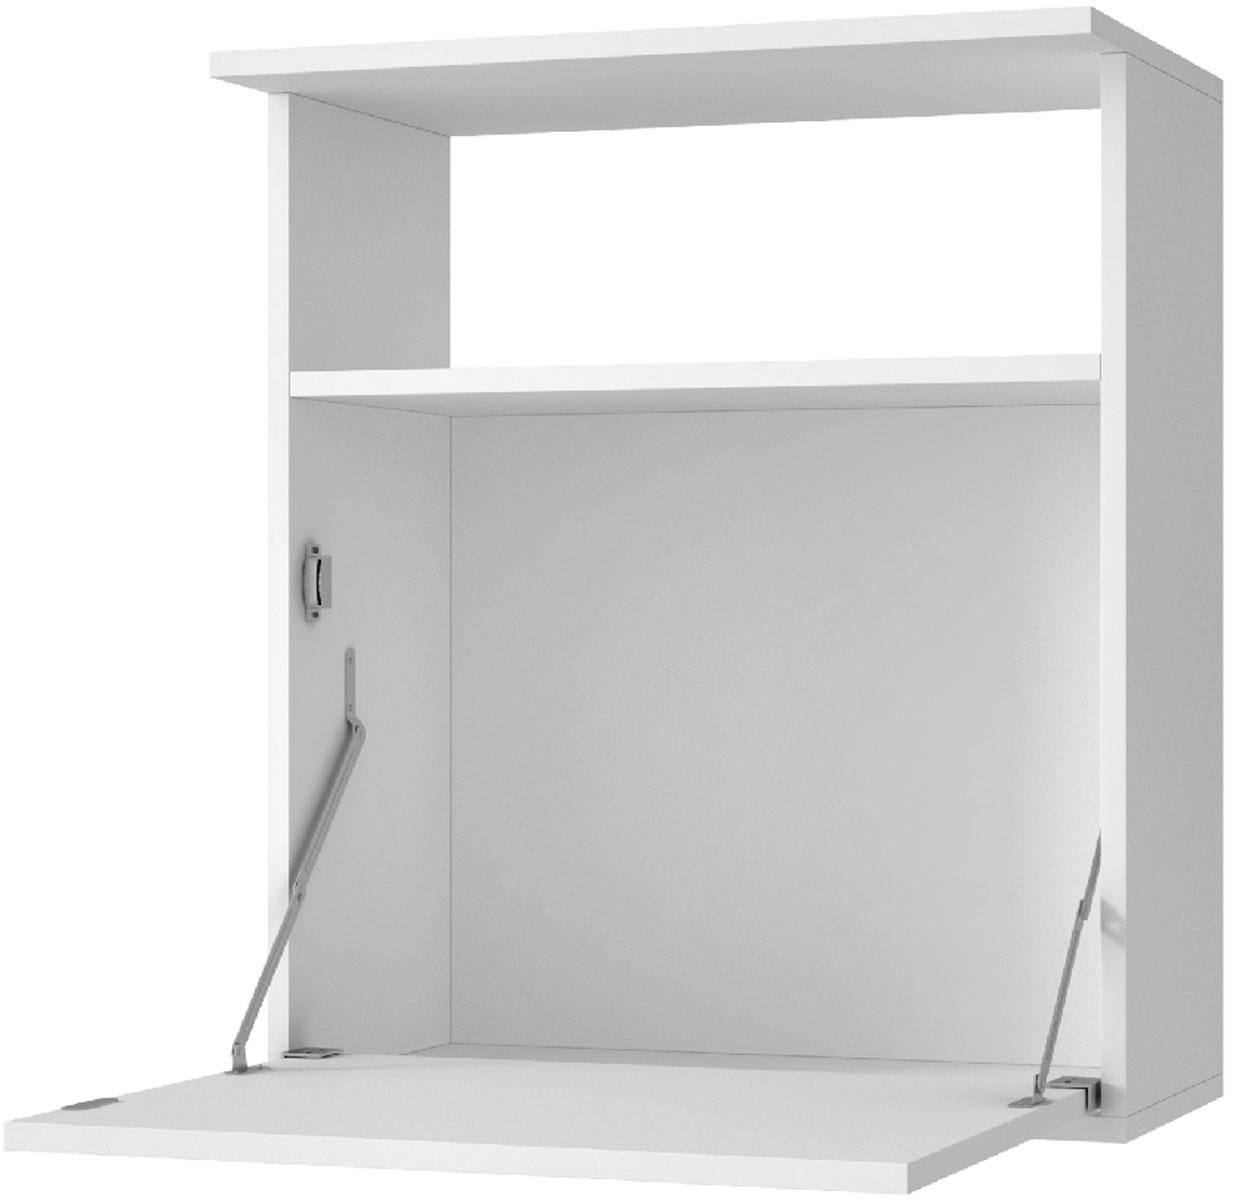 """Manhattan Comfort """"Asia"""" - кухонный настенный шкаф с откидной дверцей. Дверца может быть использована в качестве стола. Шкаф изготовлен из ламинированного ДСП. Размер: 63 x 53,5 x 33.5 см."""